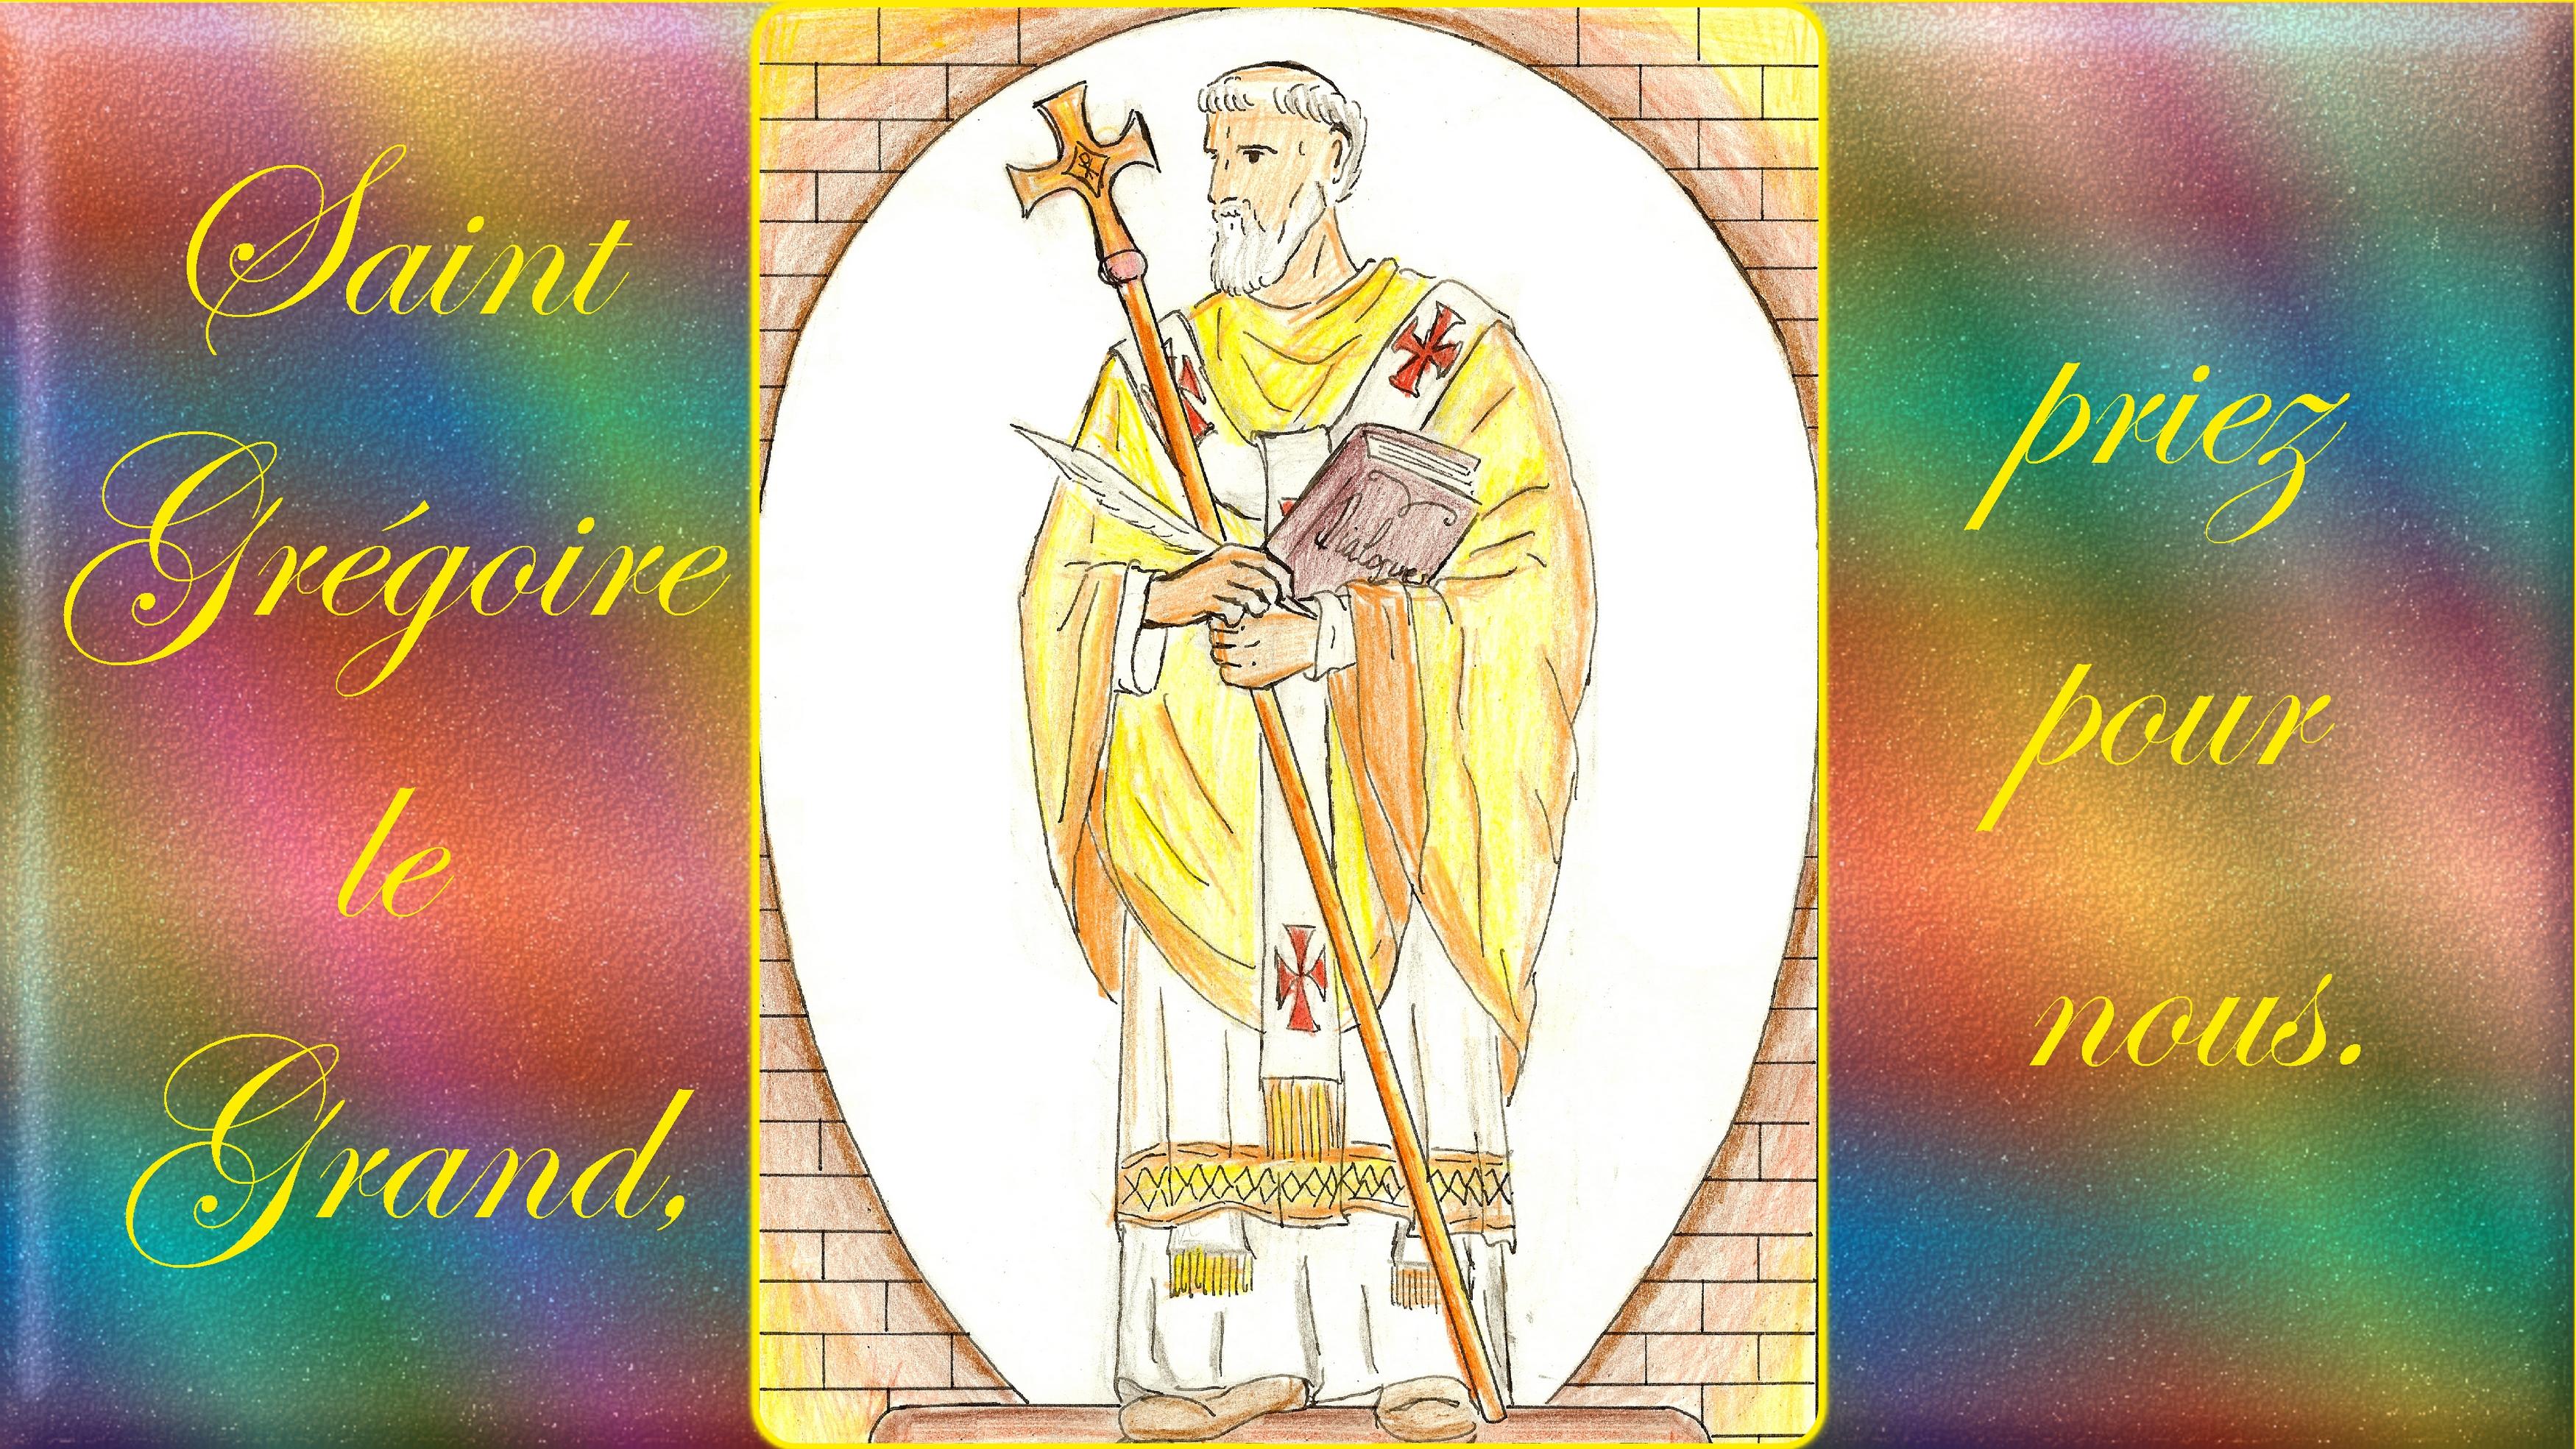 CALENDRIER CATHOLIQUE 2020 (Cantiques, Prières & Images) - Page 8 St-gr-goire-le-grand-572124e